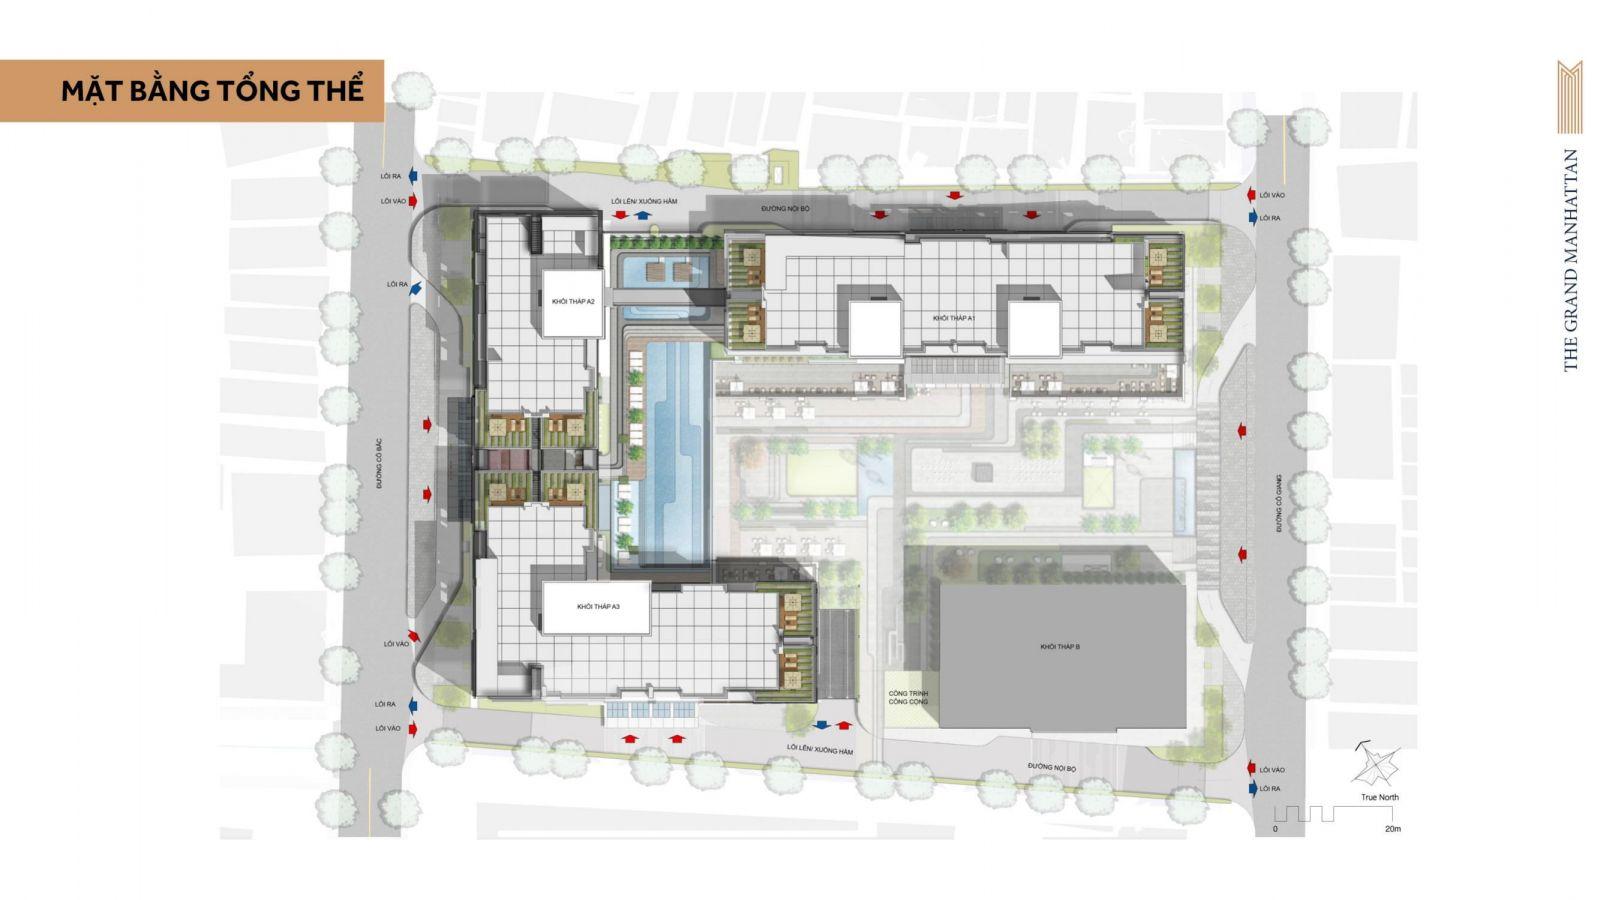 Mặt bằng tổng thể dự án The Grand Manhattan